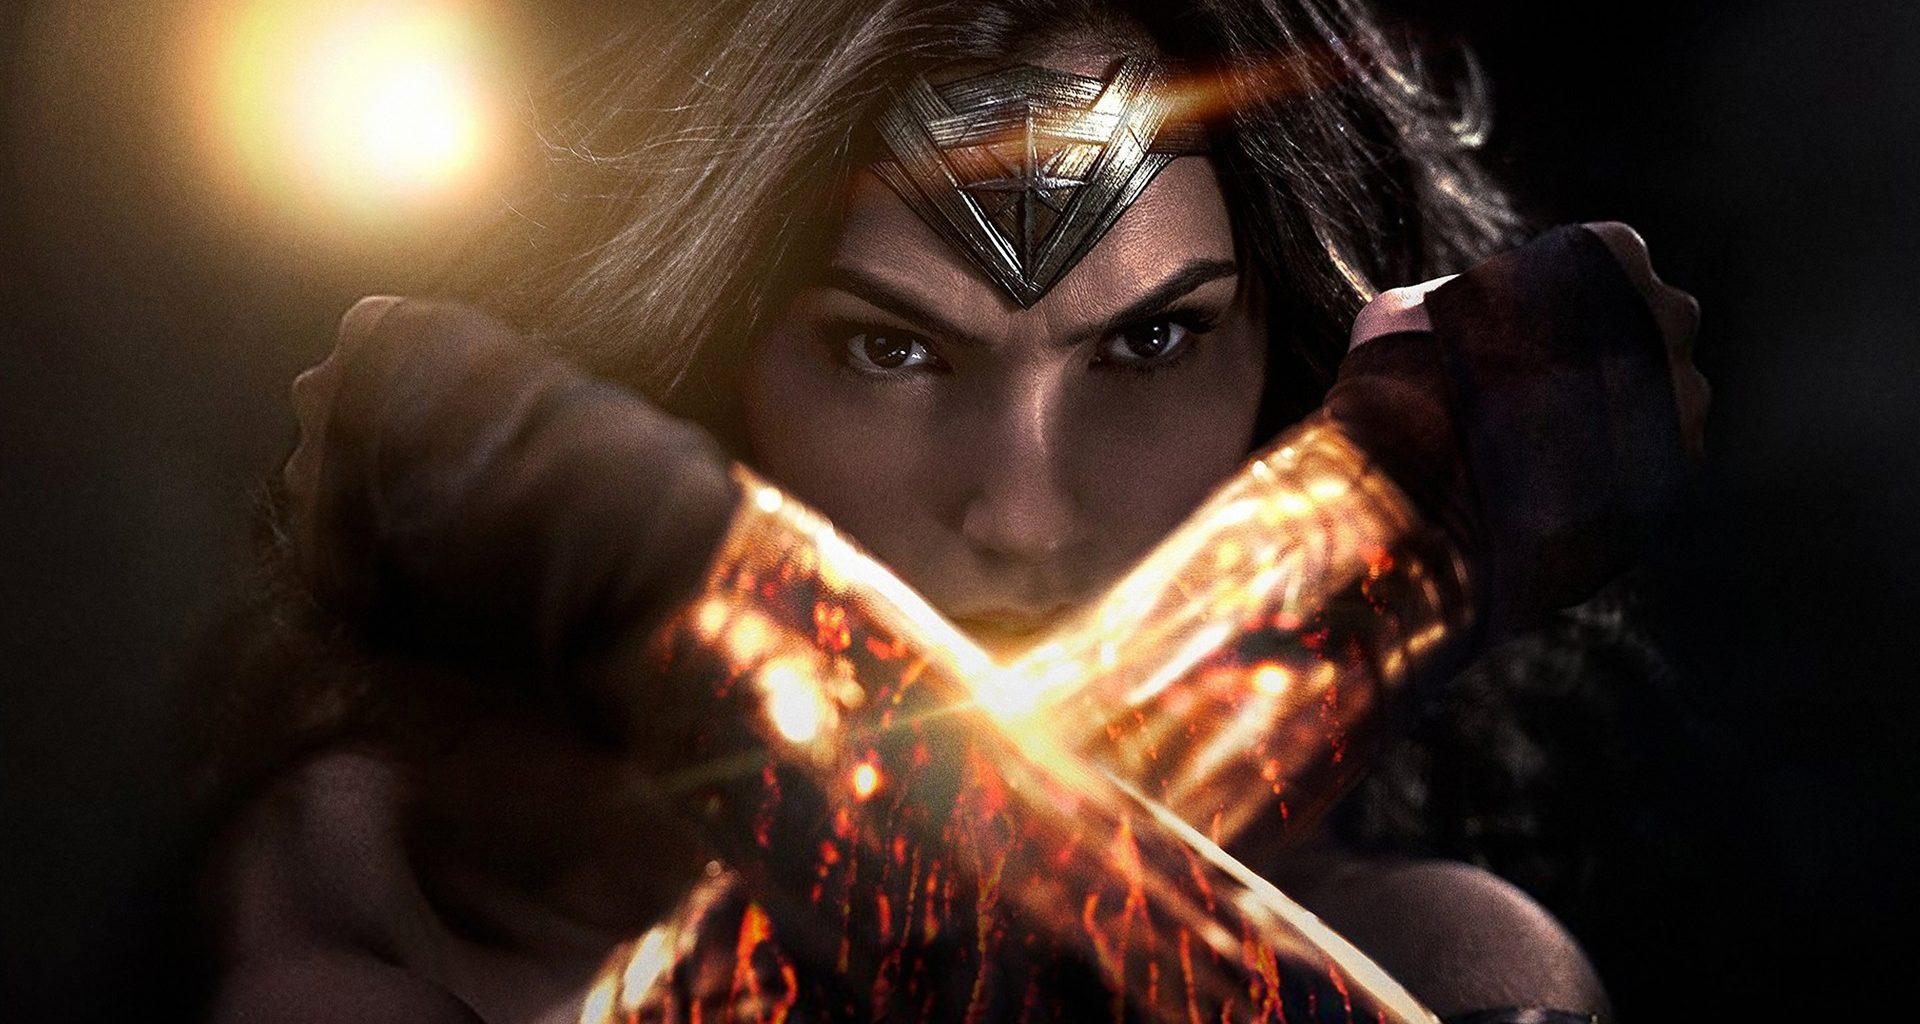 Wonder Woman Gal Gadot 1920x1080